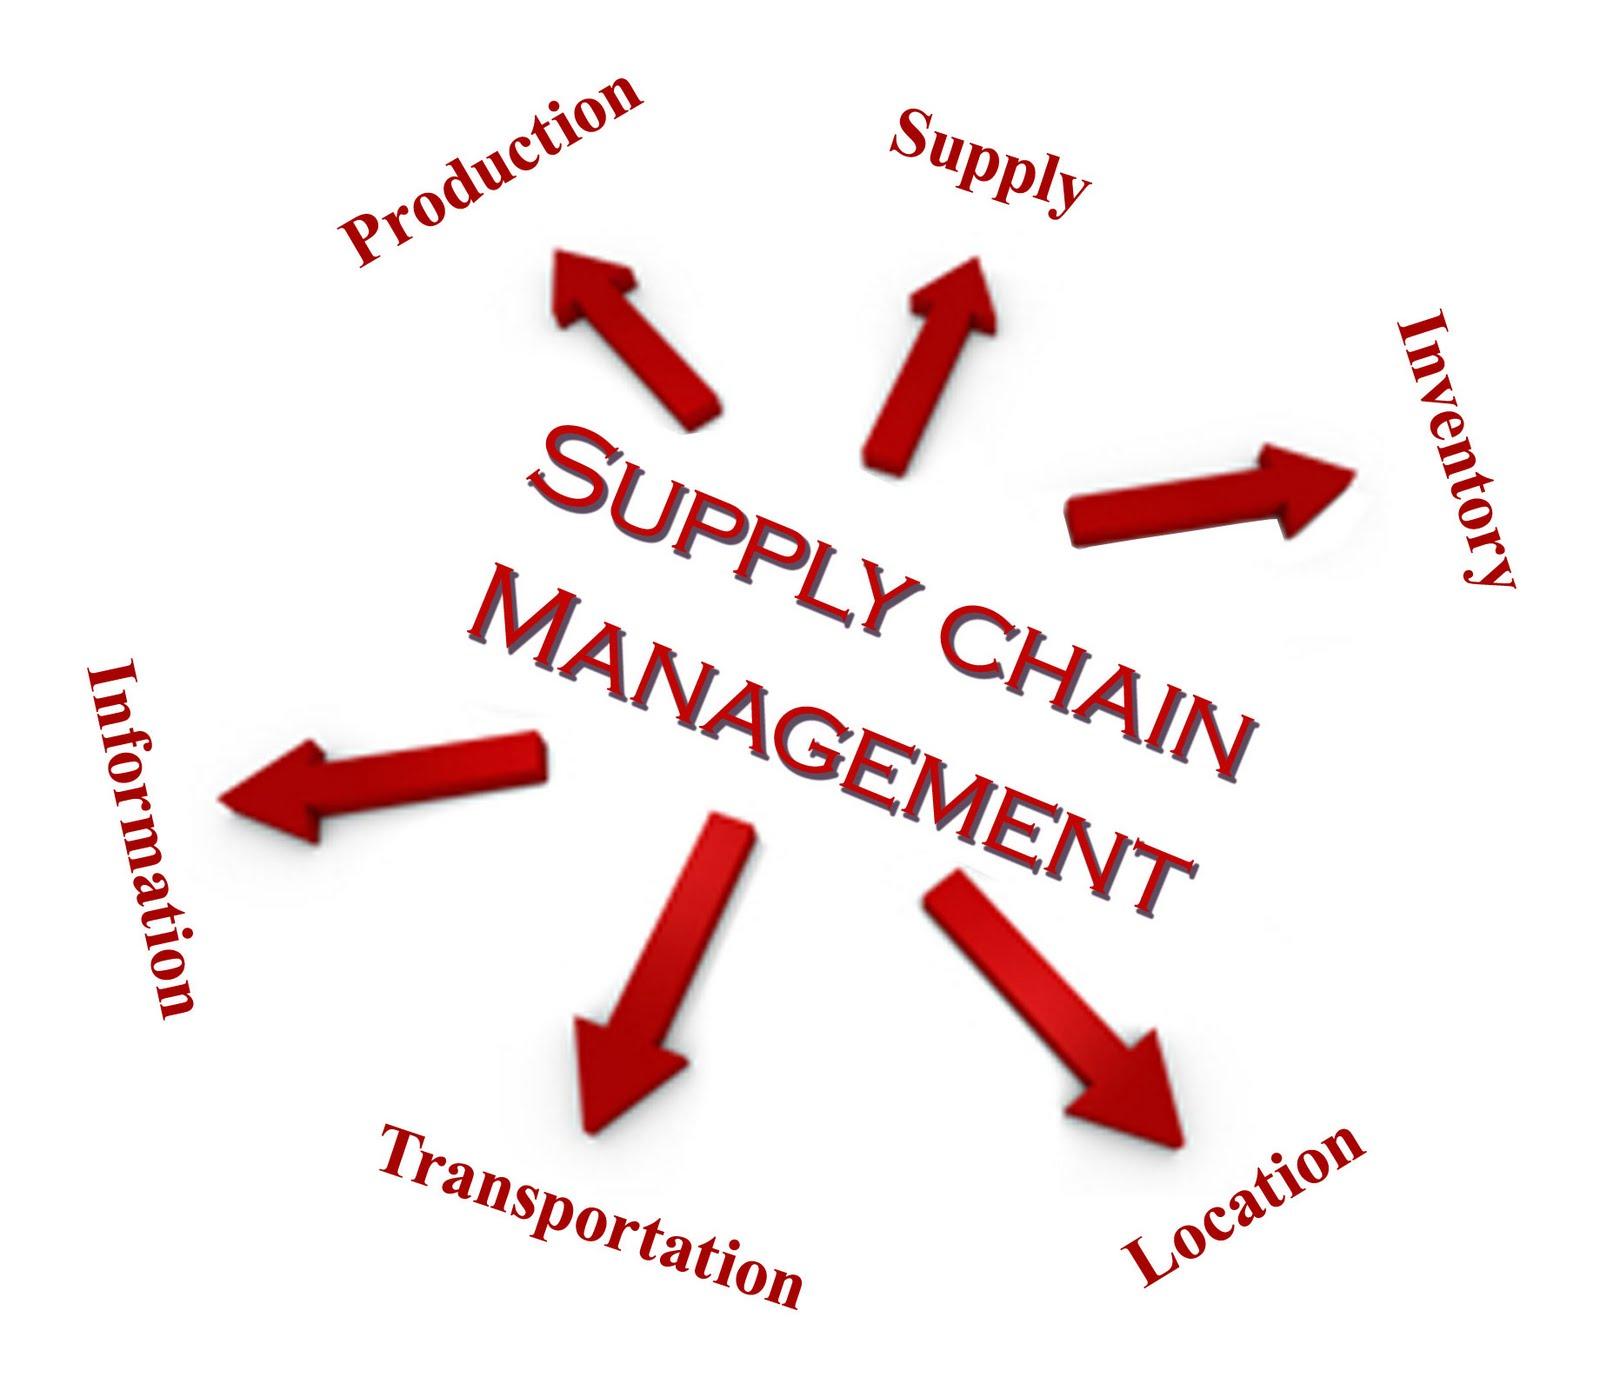 supplychainmanagement.jpg